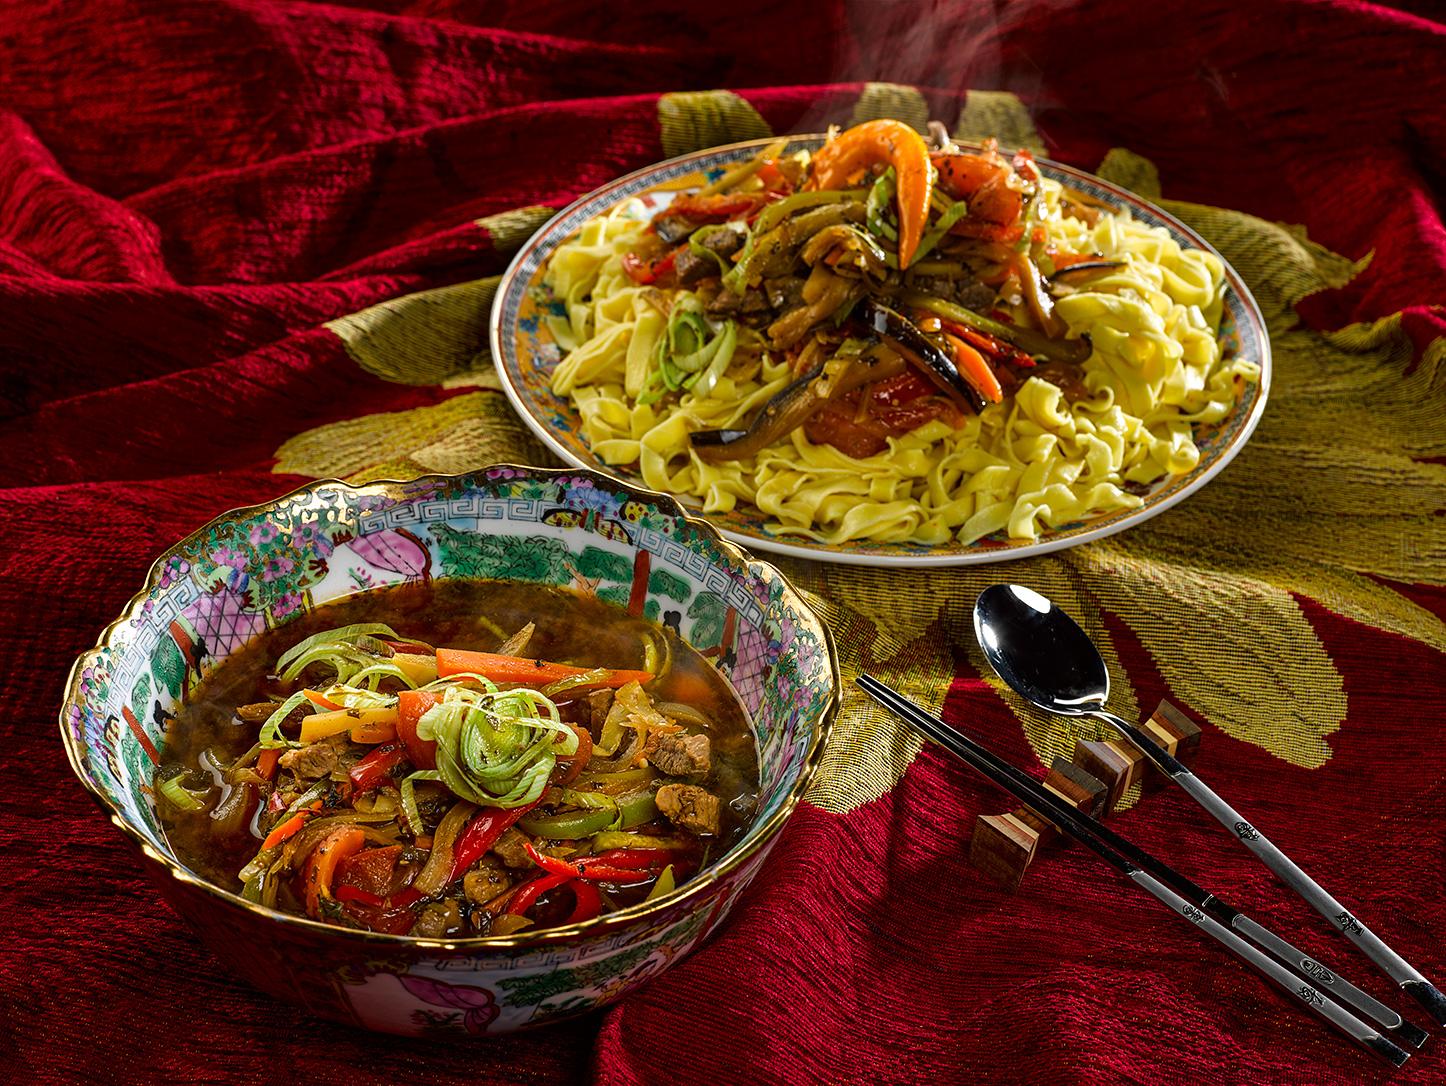 опасный фото рецепт уйгурской кухни синяков мезонитей